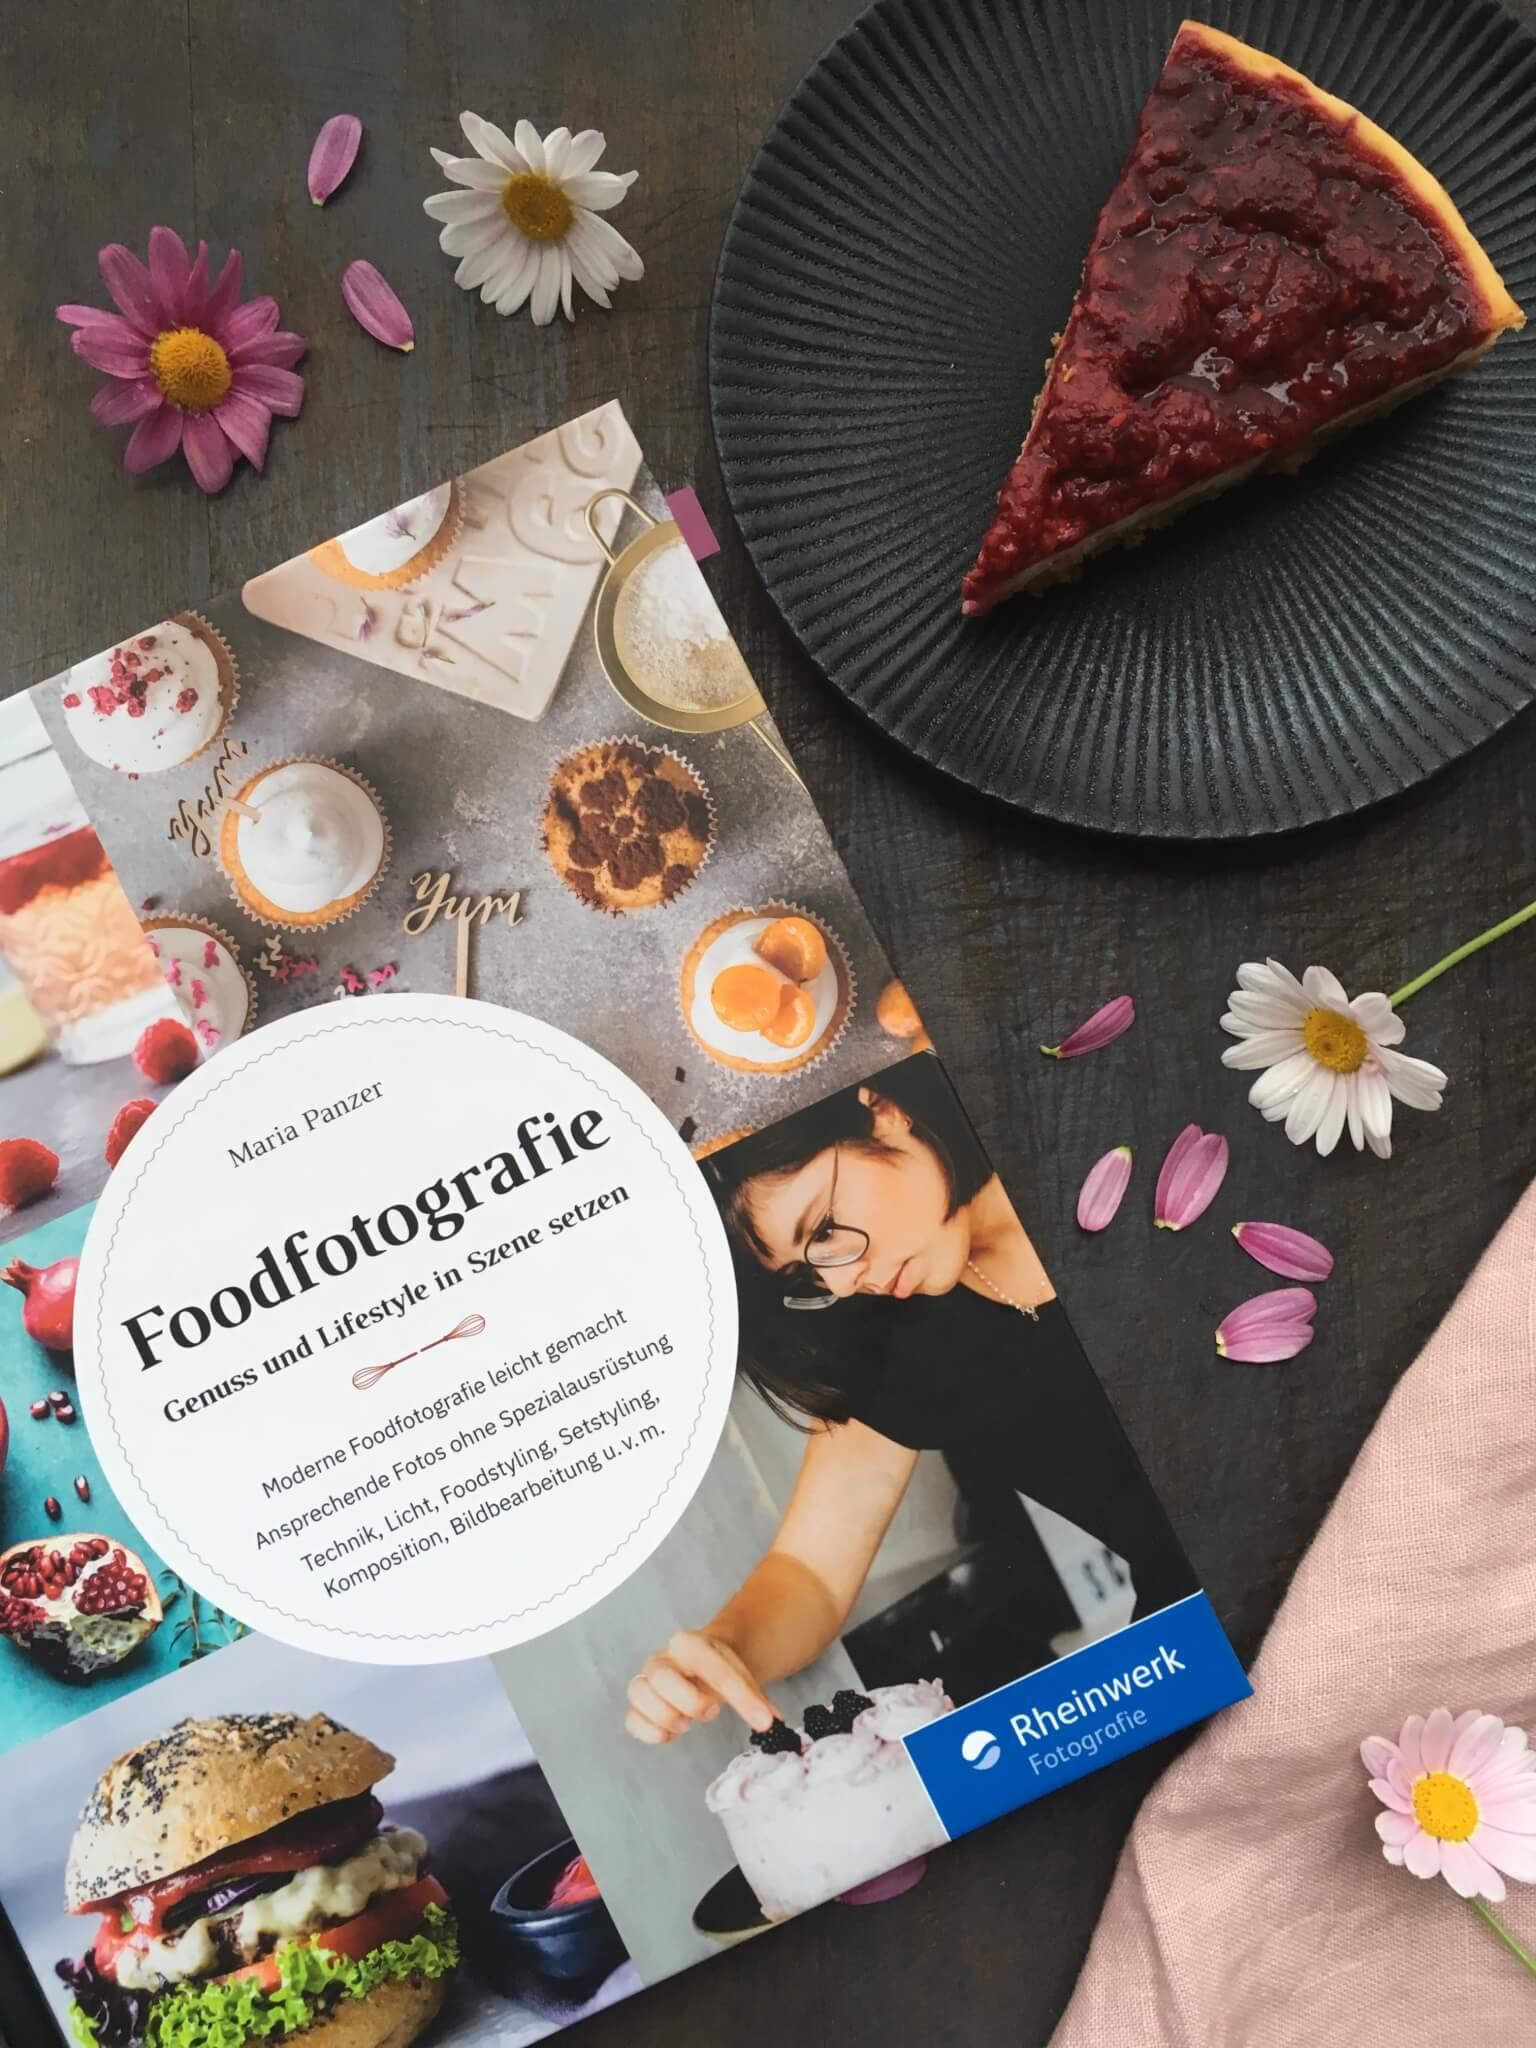 Foodfotografie mit Maria Panzer